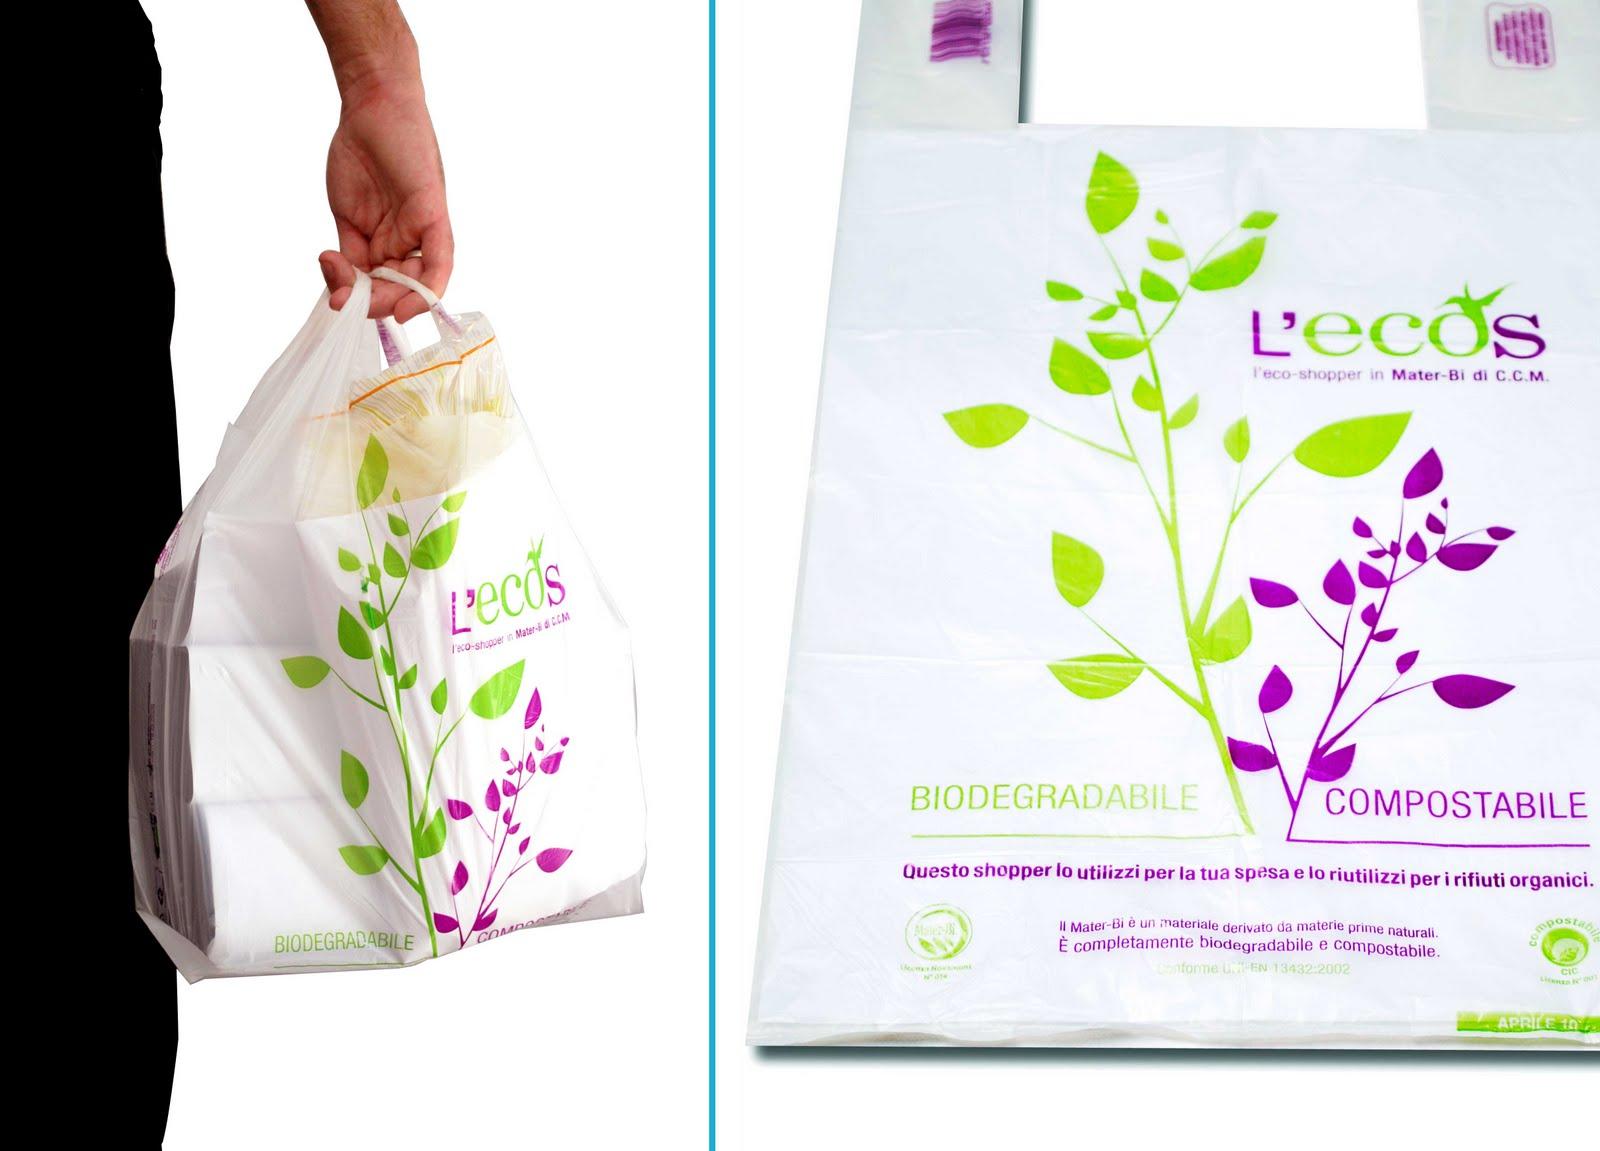 Pro e contro dei bioshopper i sacchetti ecologici in mater bi for How to be a professional shopper